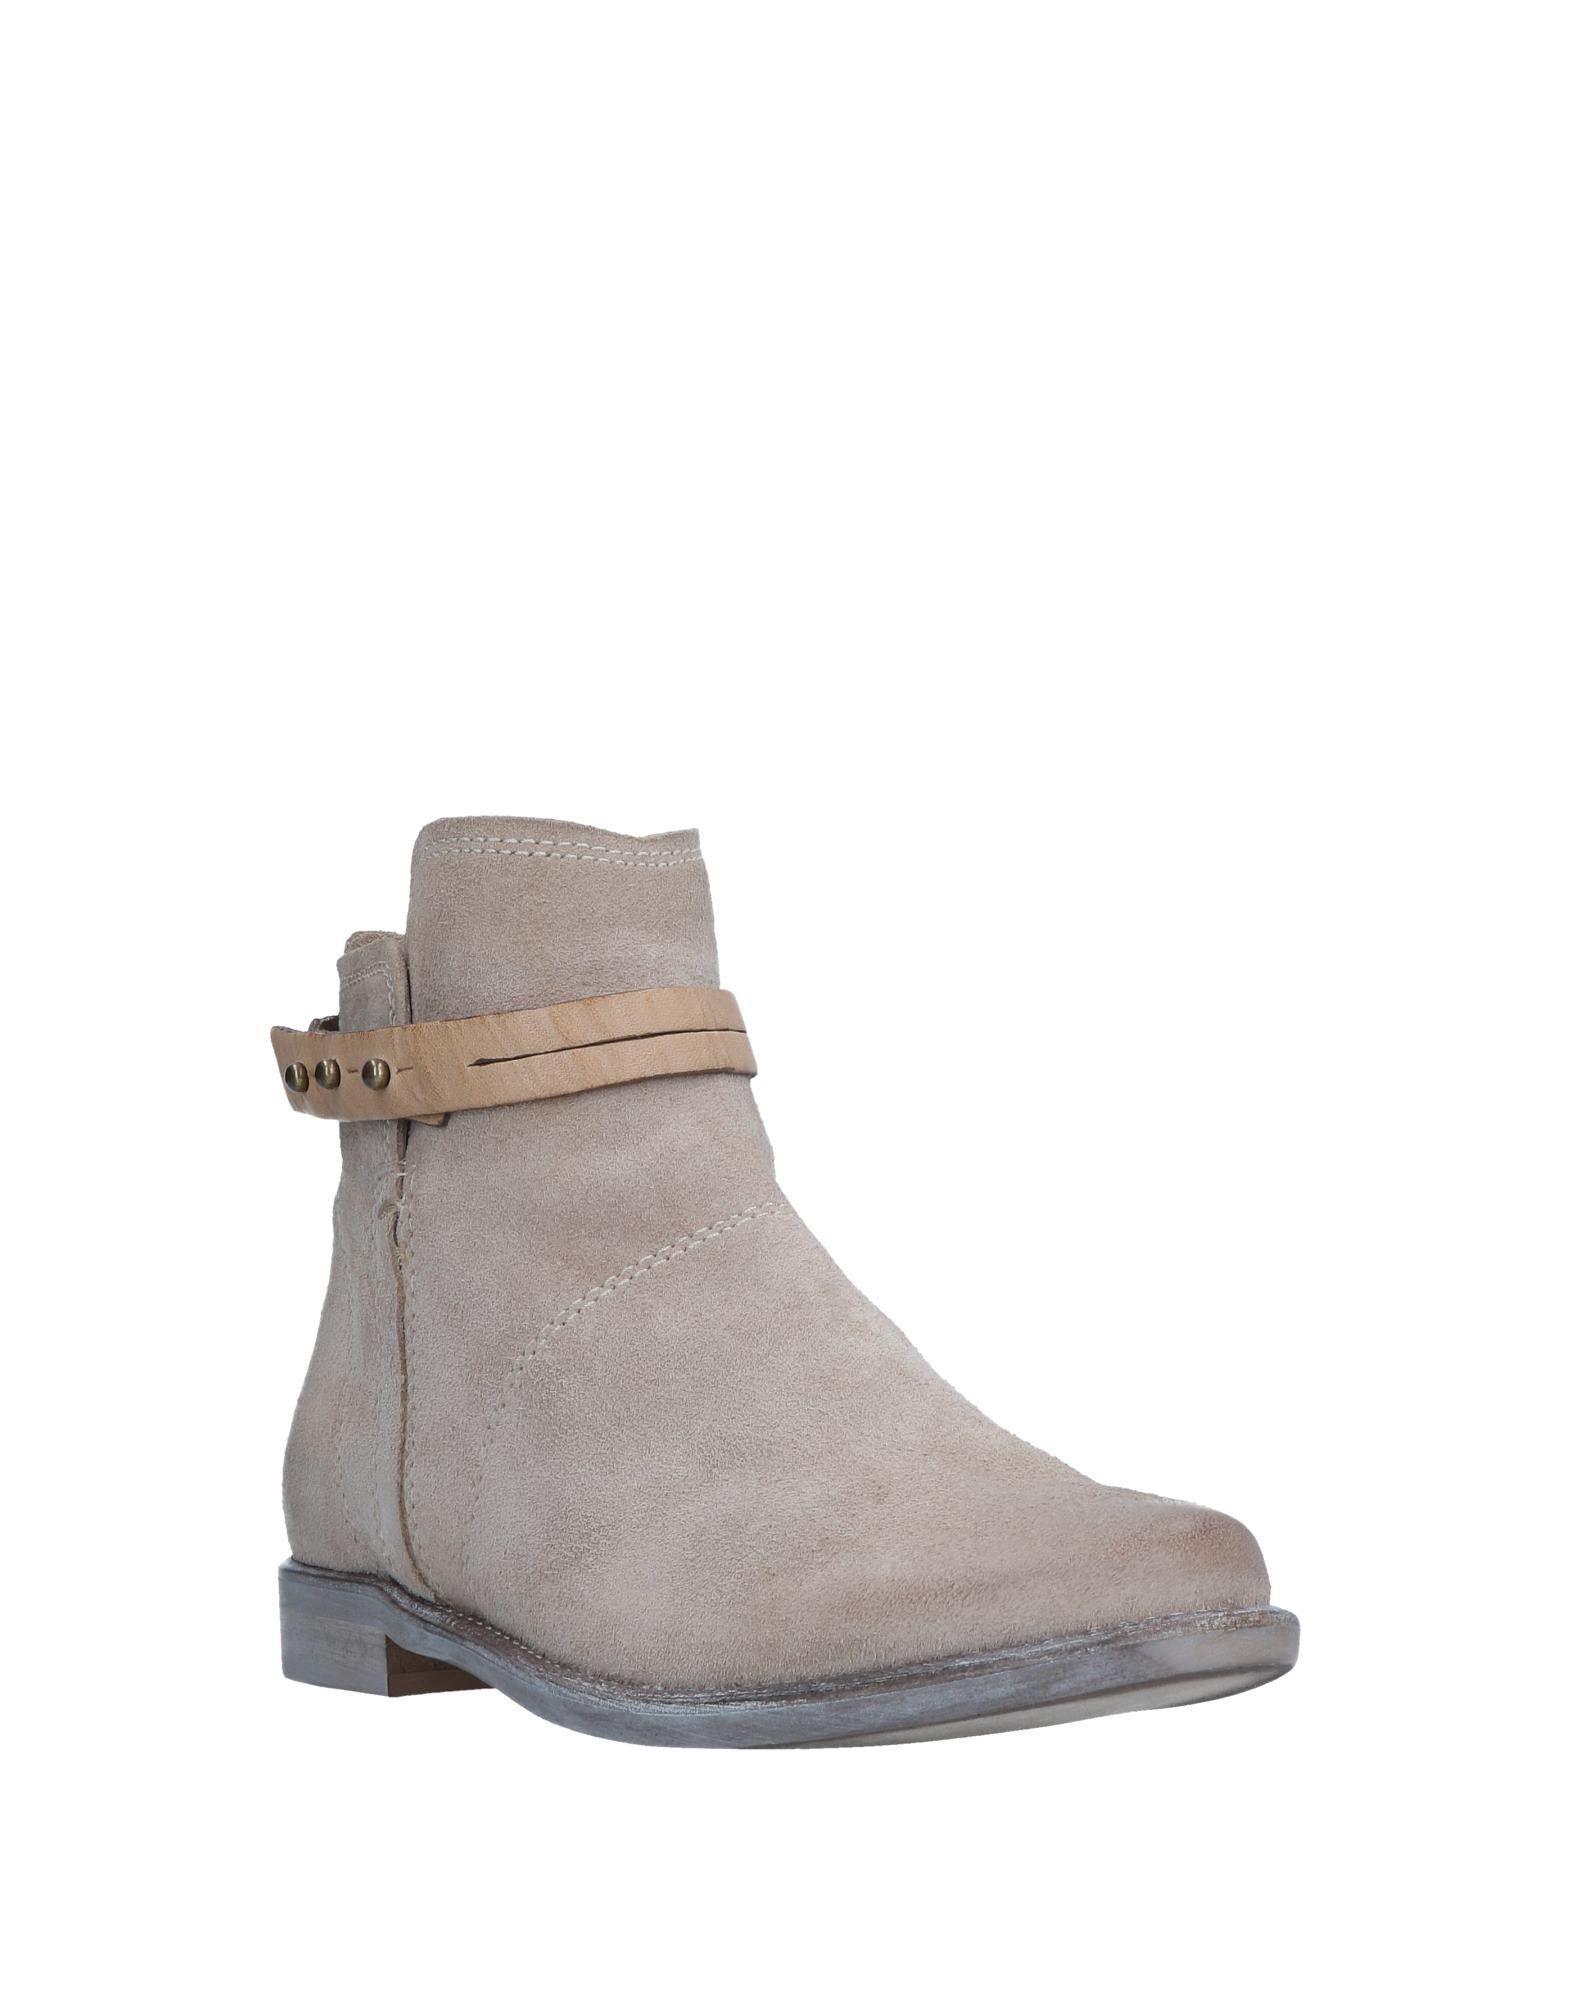 Manas Stiefelette Damen beliebte  11525089MJ Gute Qualität beliebte Damen Schuhe 04295b